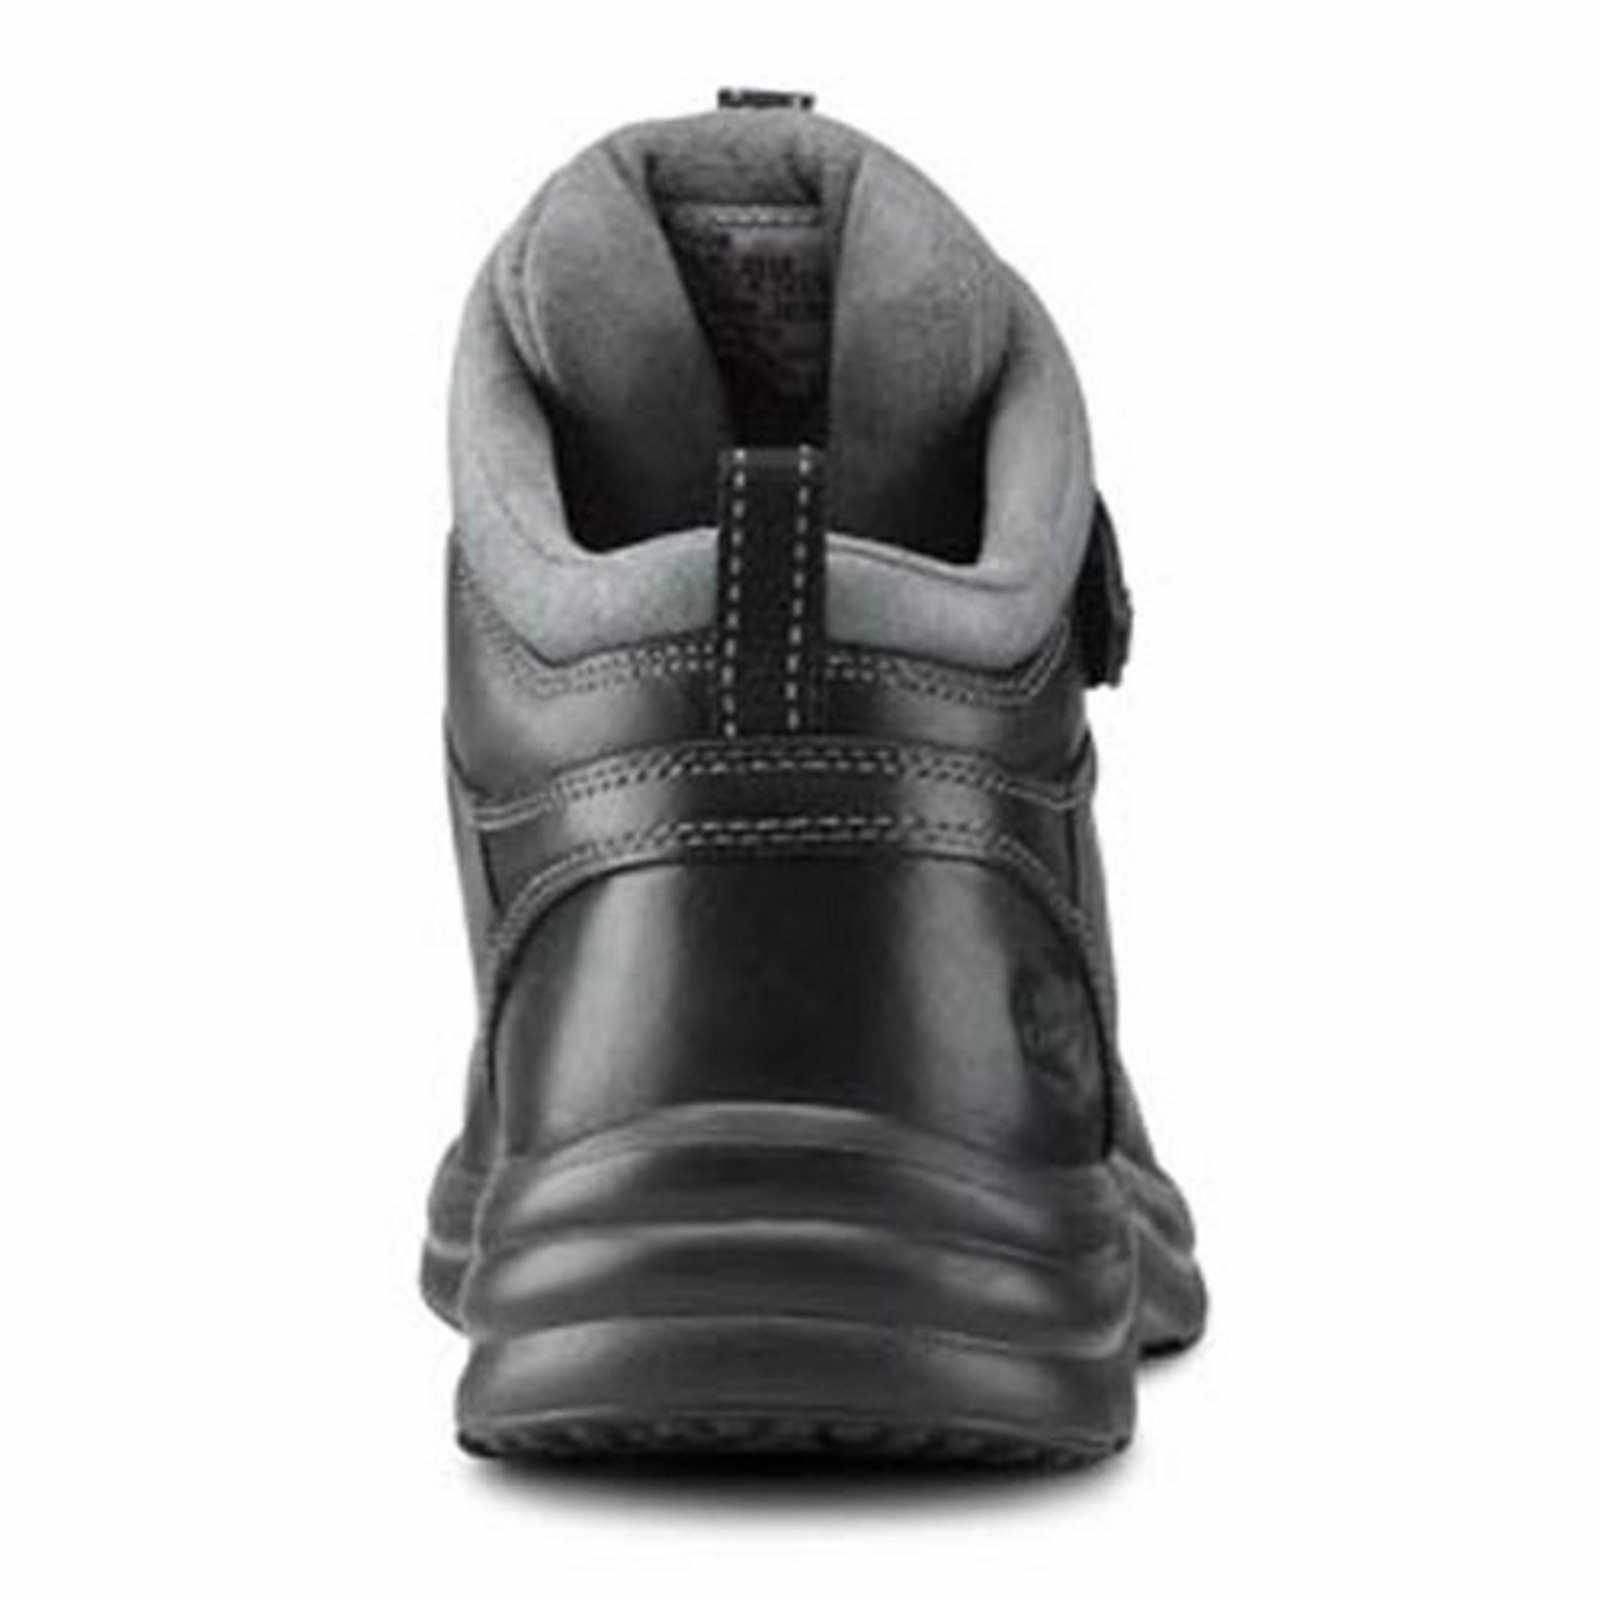 da80e70198a PREVIEWING ICS Active Mobile Theme: Dr. Comfort - Vigor, Hiking Boot ...